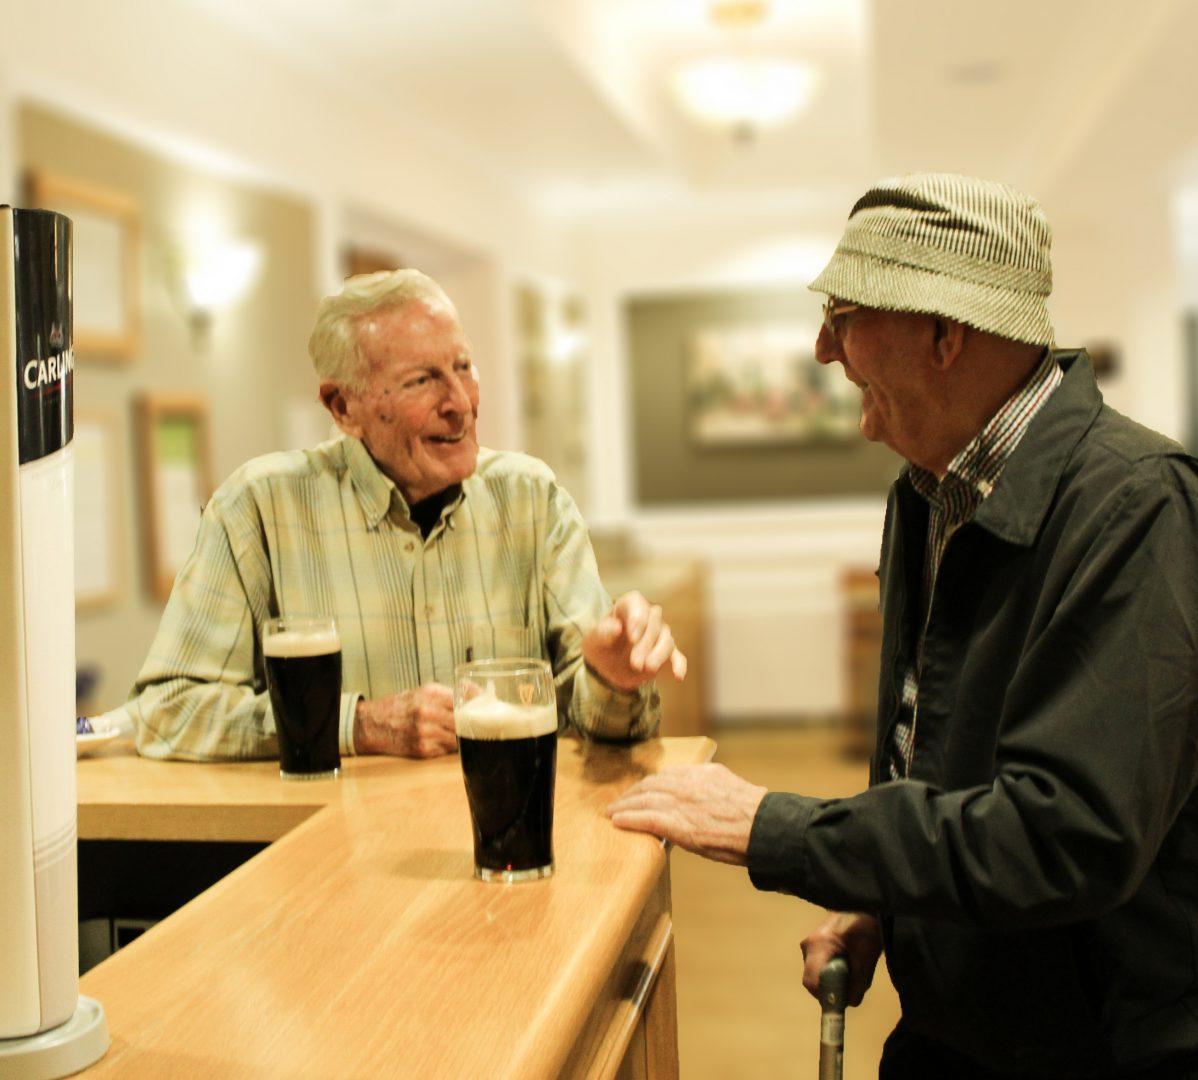 Enjoying a pint at the bar